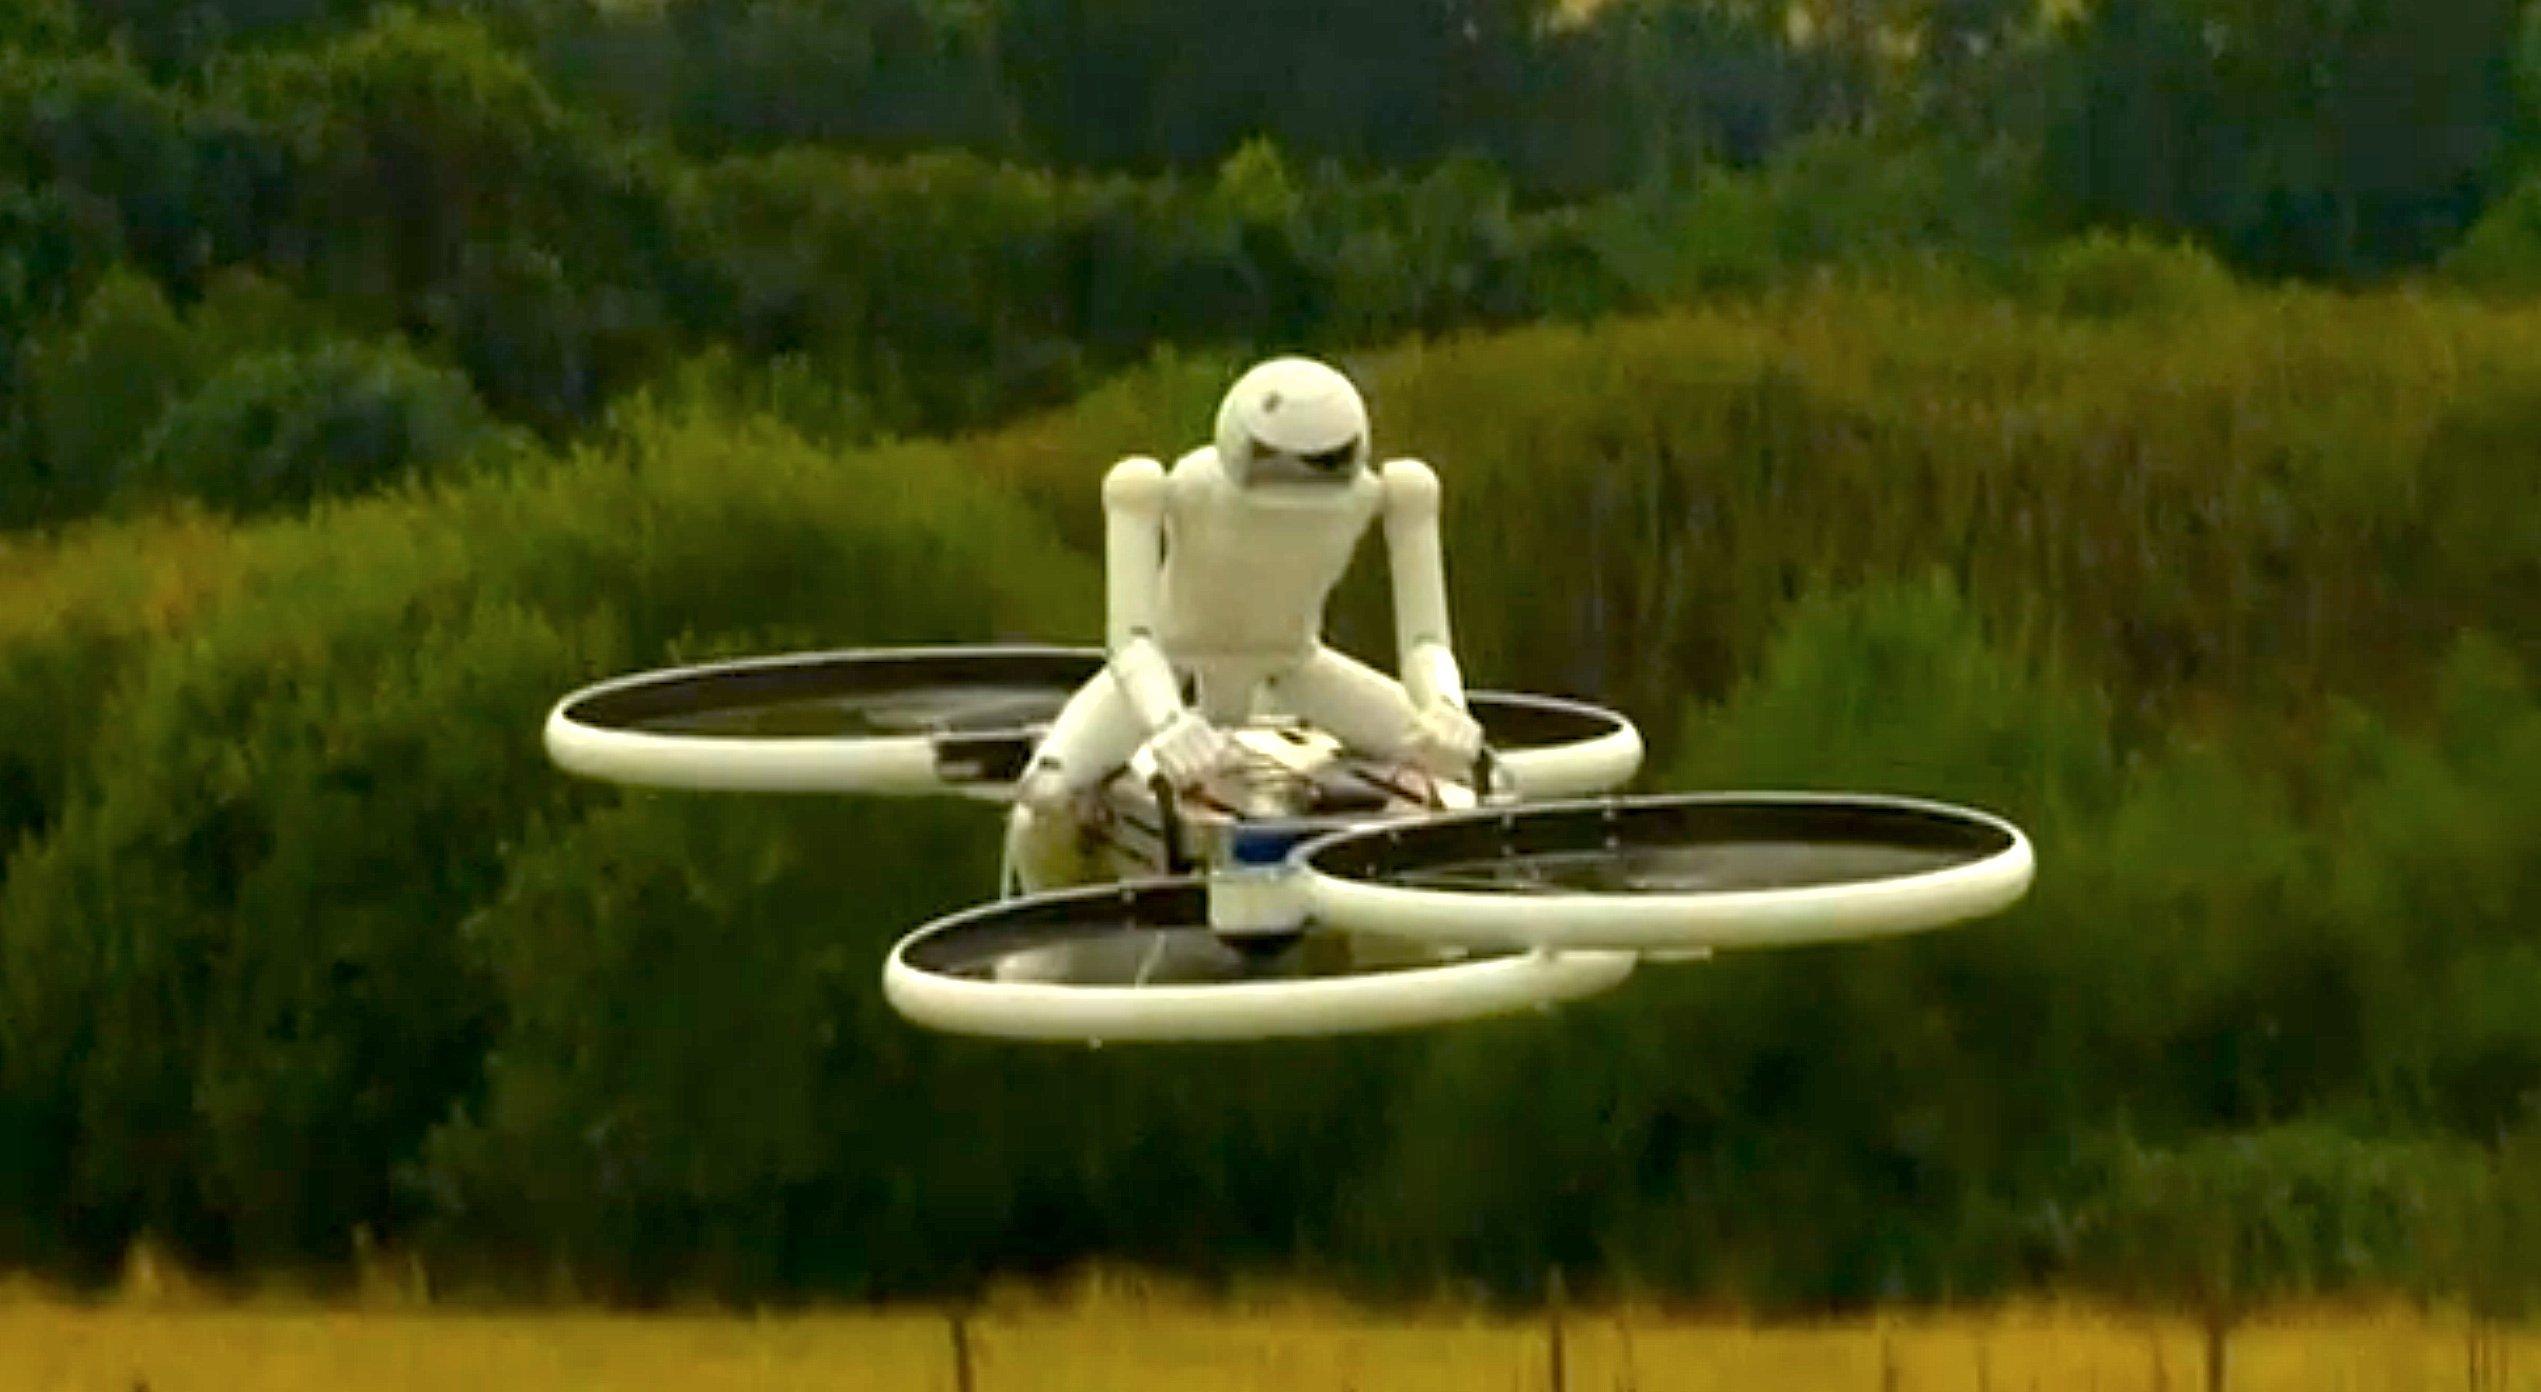 Einen Prototypen mit vier Propellern, der bereits einen kleinen Roboter tragen kann, hatMalloy Aeronautics bereits als Prototypen entwickelt.